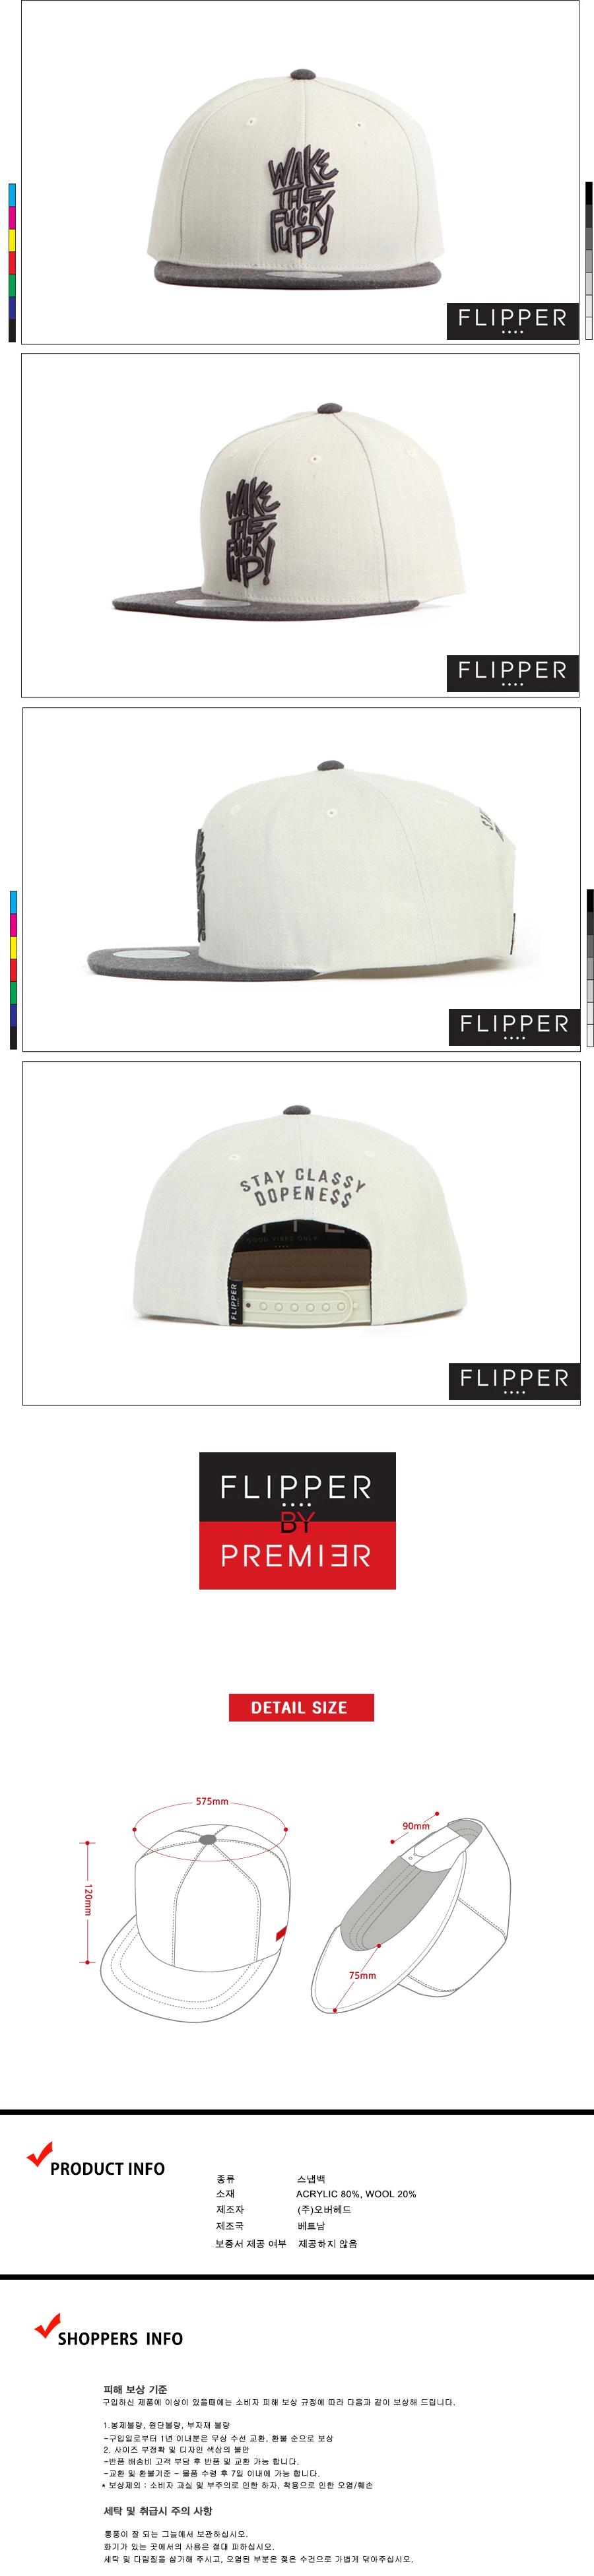 [ PREMIER ] [Premier] Flipper Snapback Wake Beige/Charcoal (FL030)